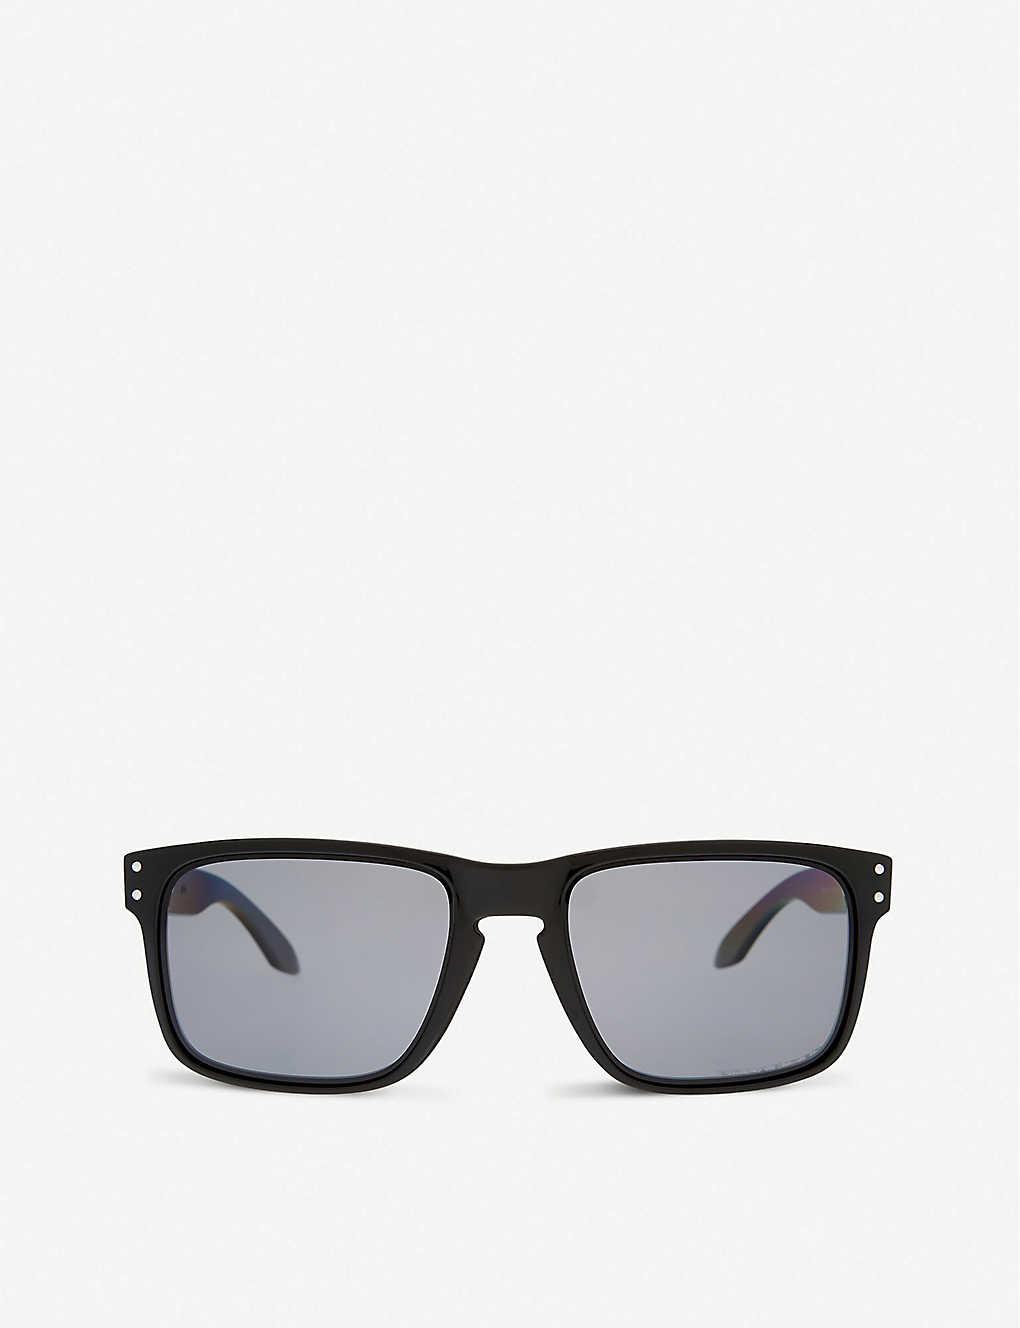 3afa50a4ae4cb OAKLEY - Holbrook polarized square sunglasses